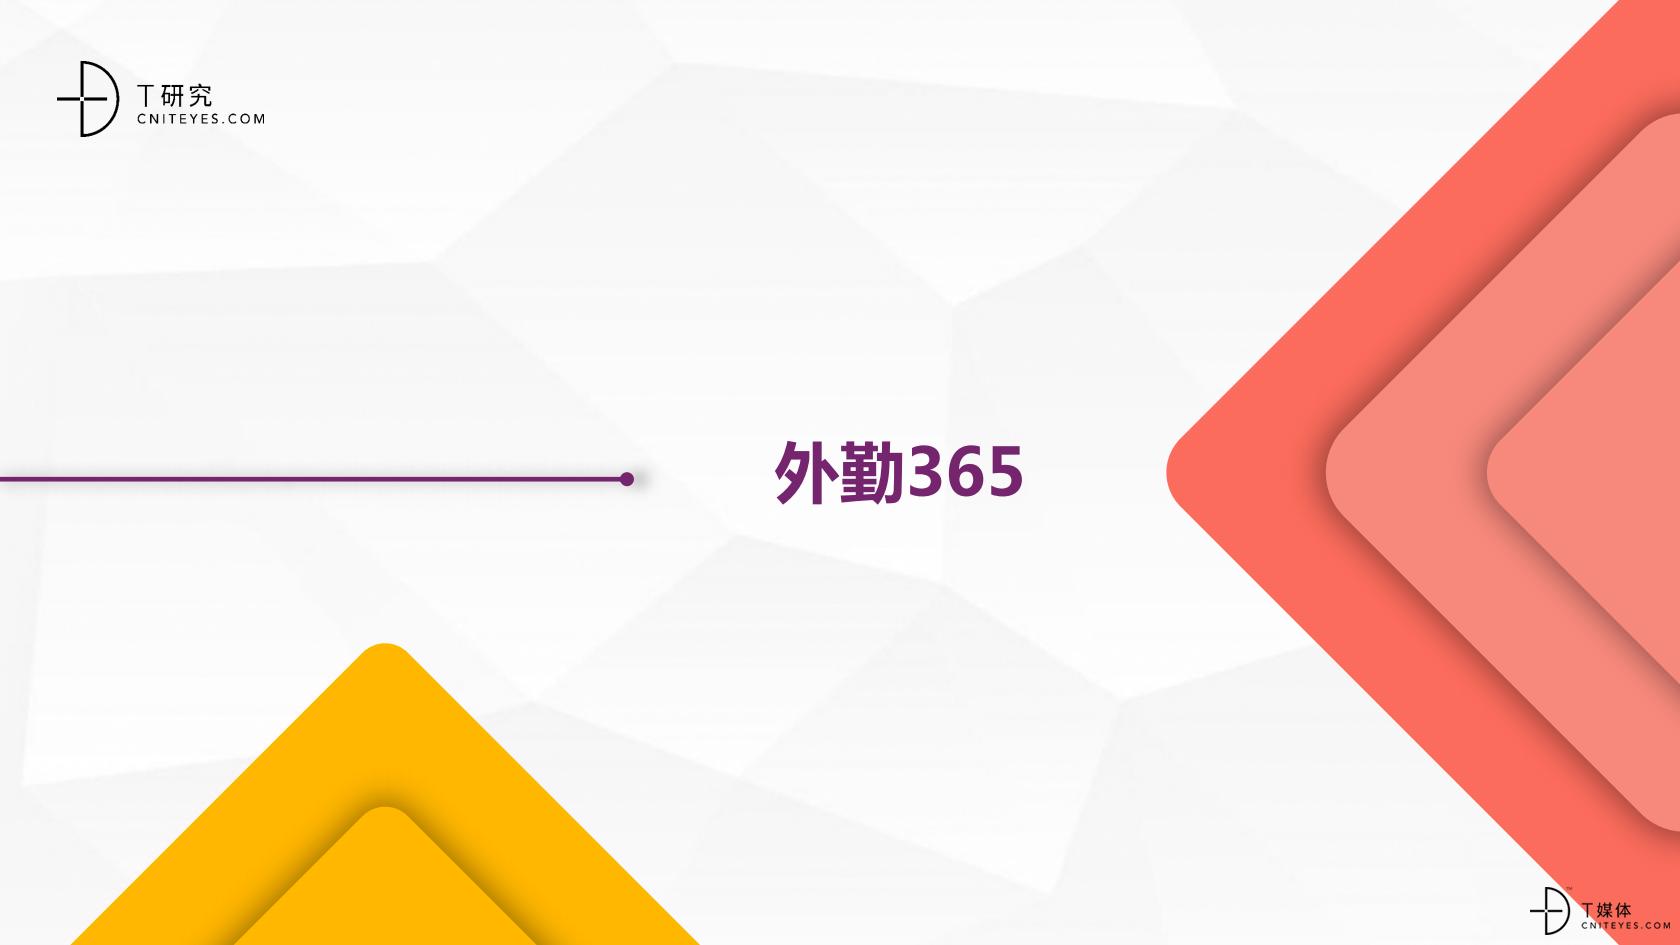 2_2020中国CRM指数测评报告v1.5_39.png